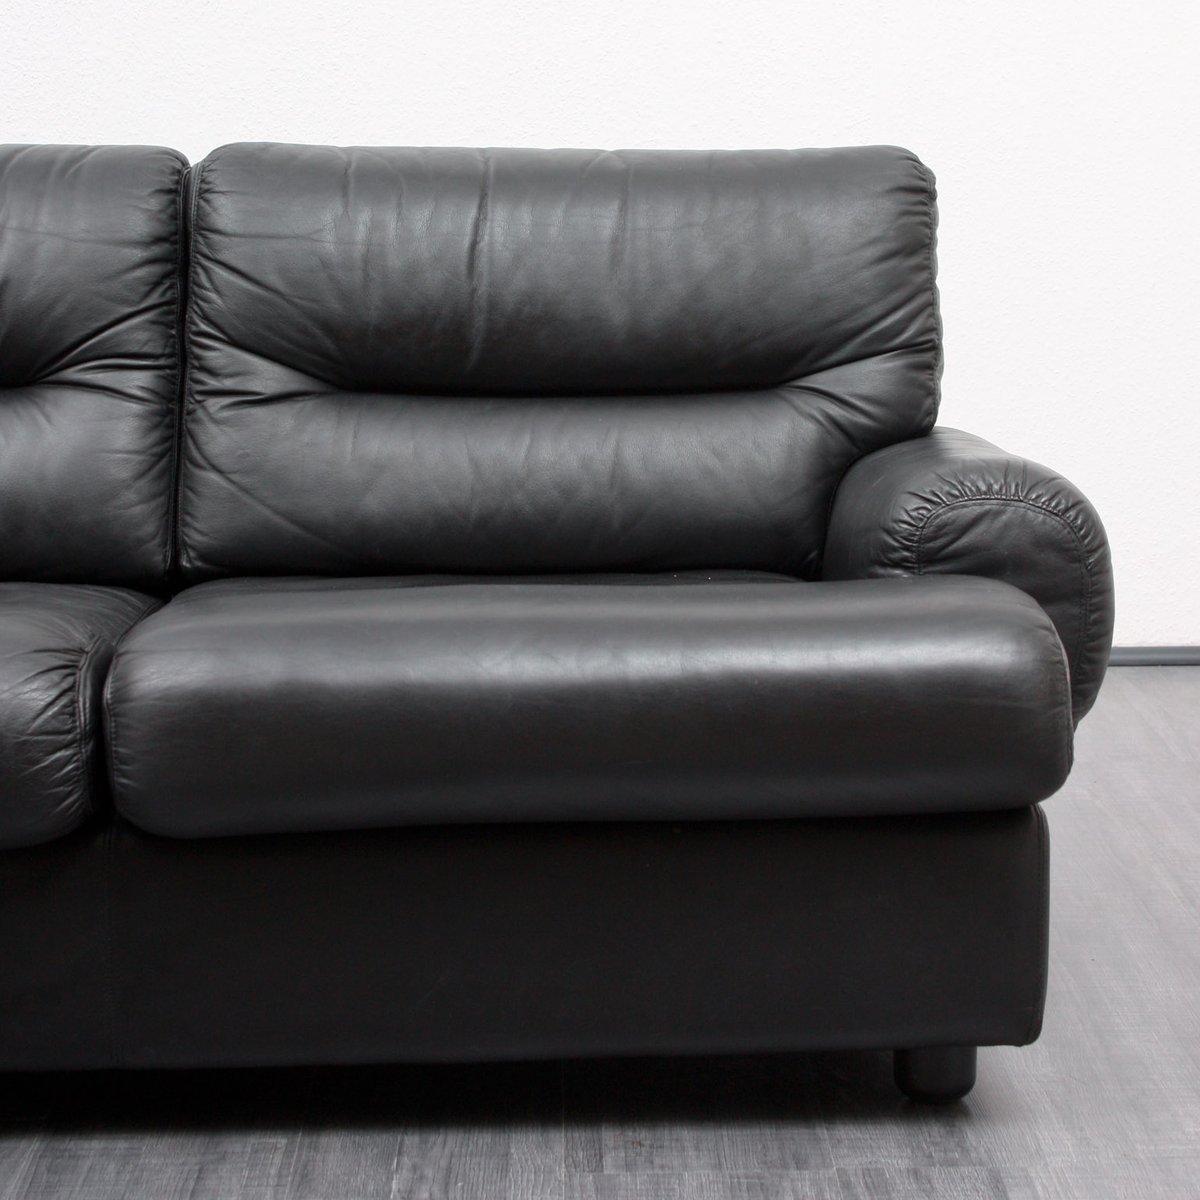 schwarzes vintage ledersofa 1970er bei pamono kaufen. Black Bedroom Furniture Sets. Home Design Ideas